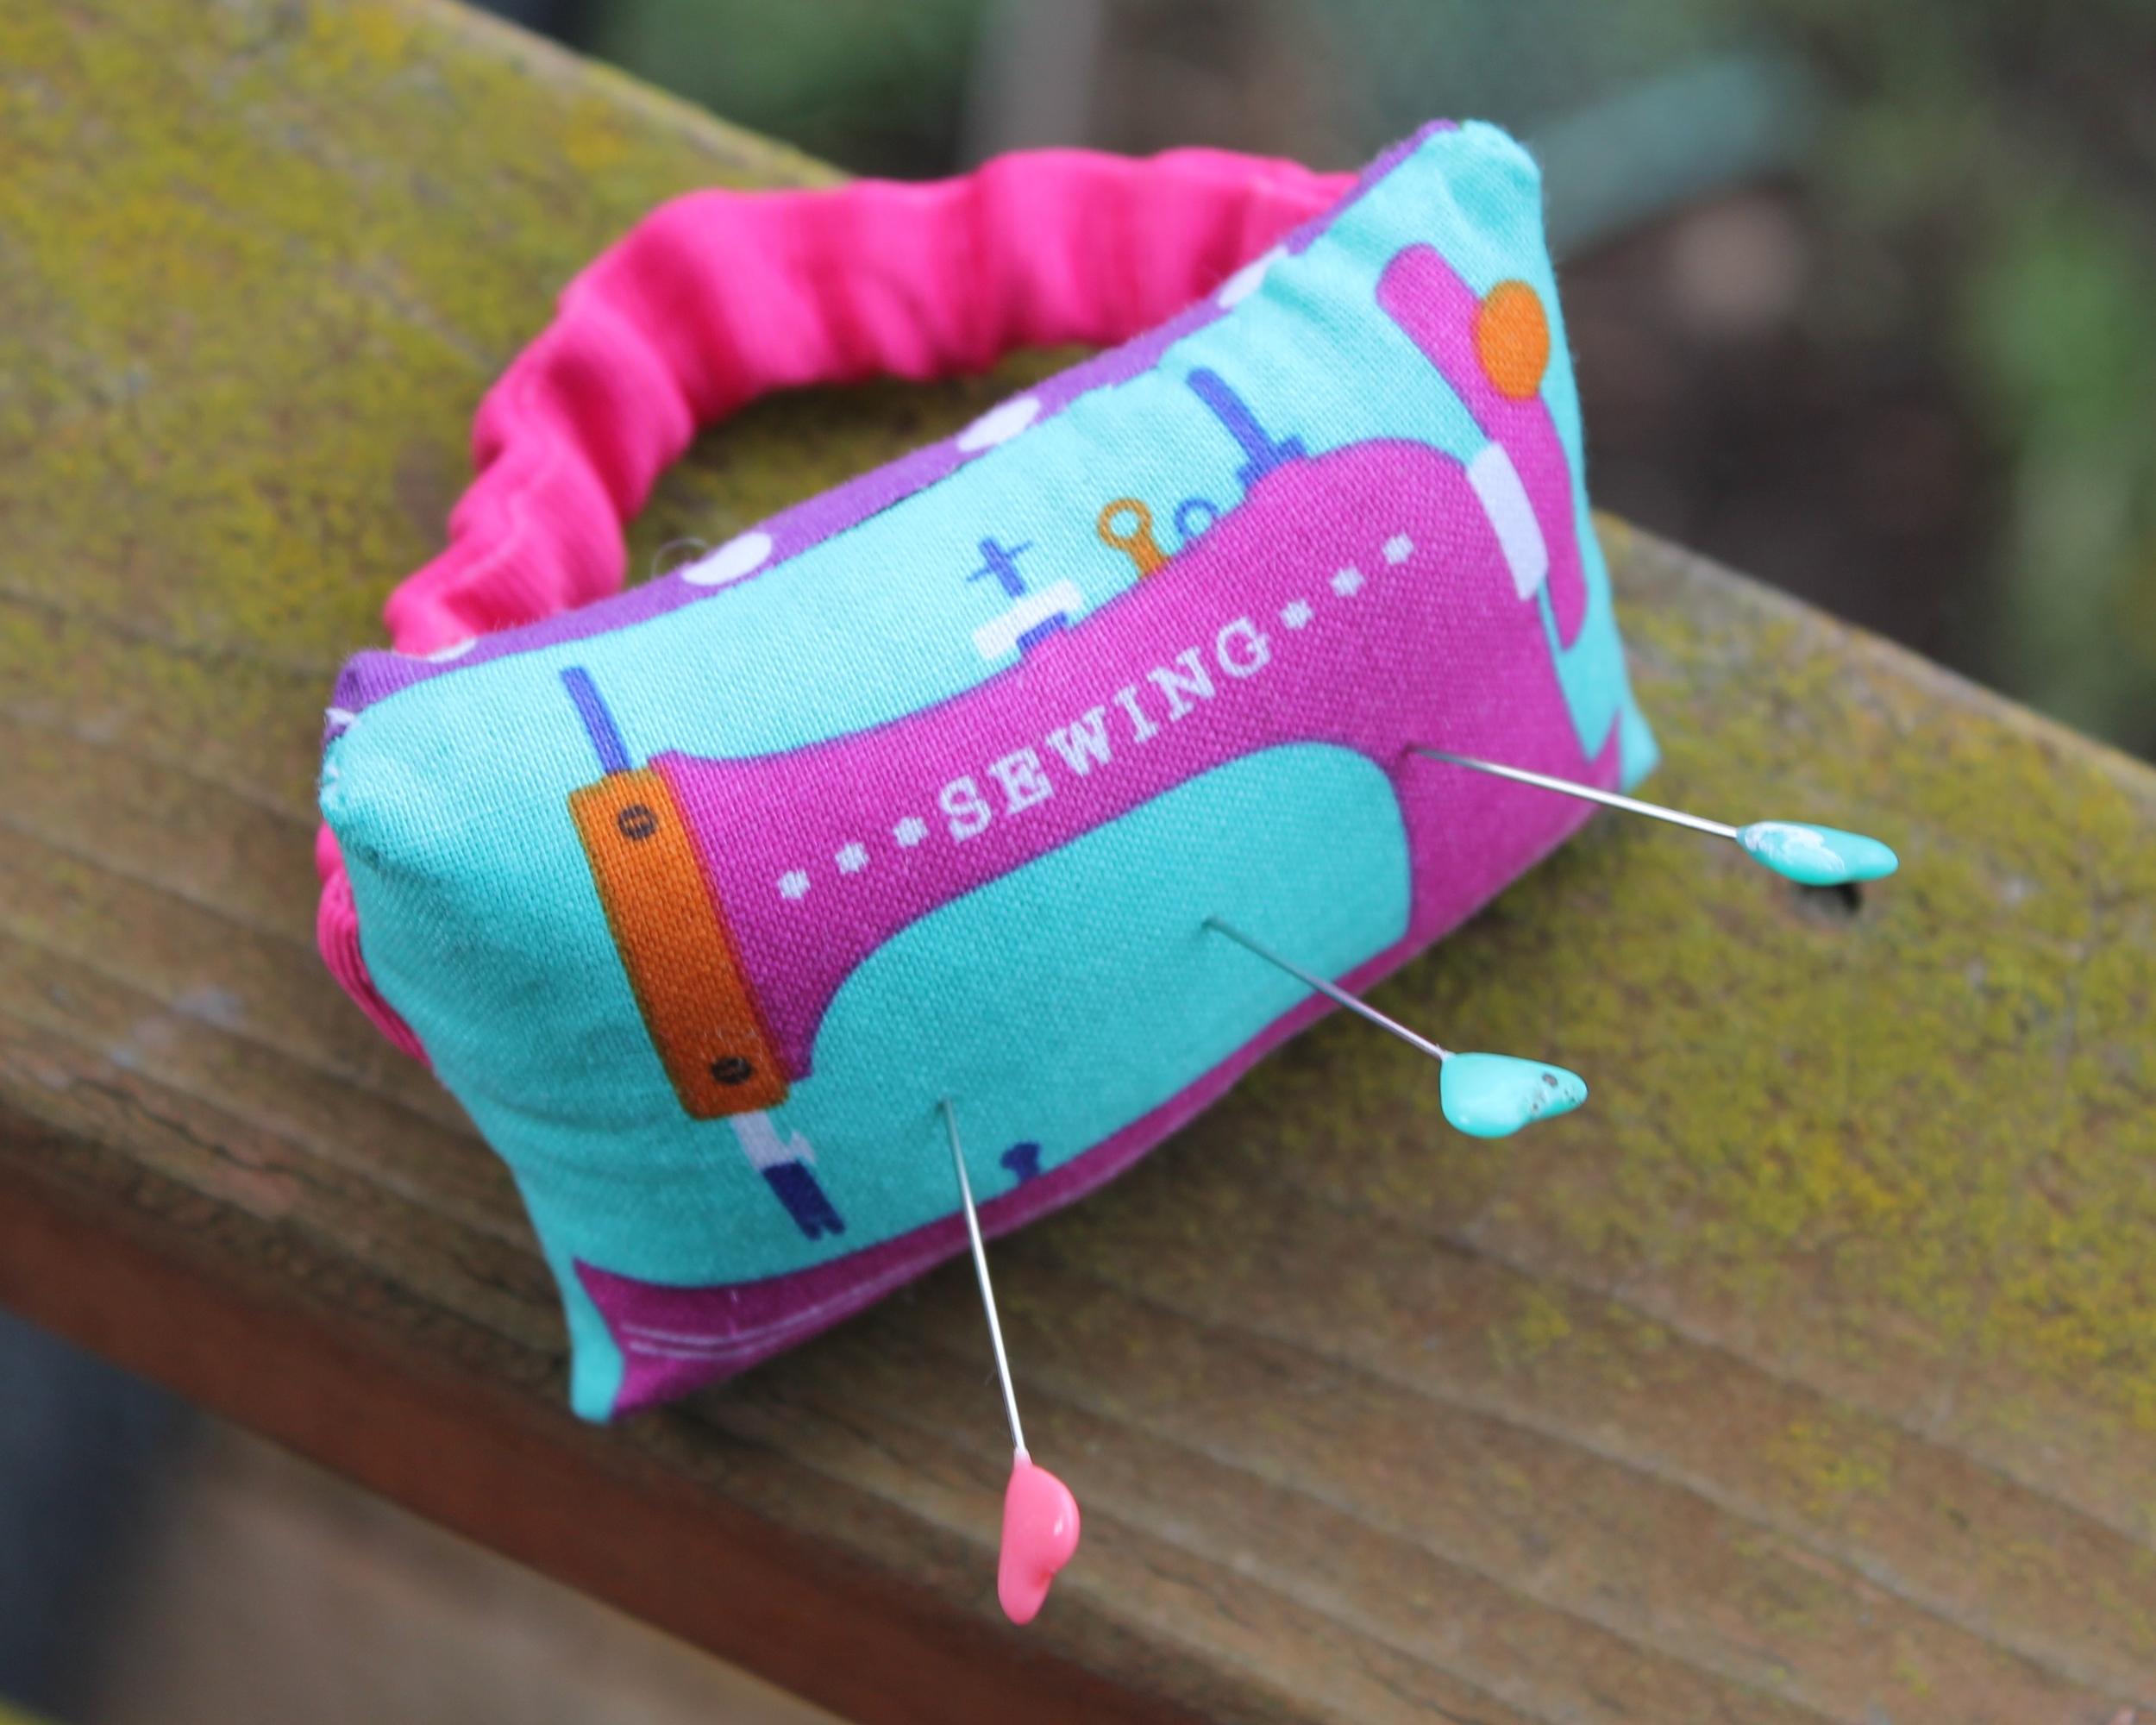 Wrist pincushion with pink sewing machine on it